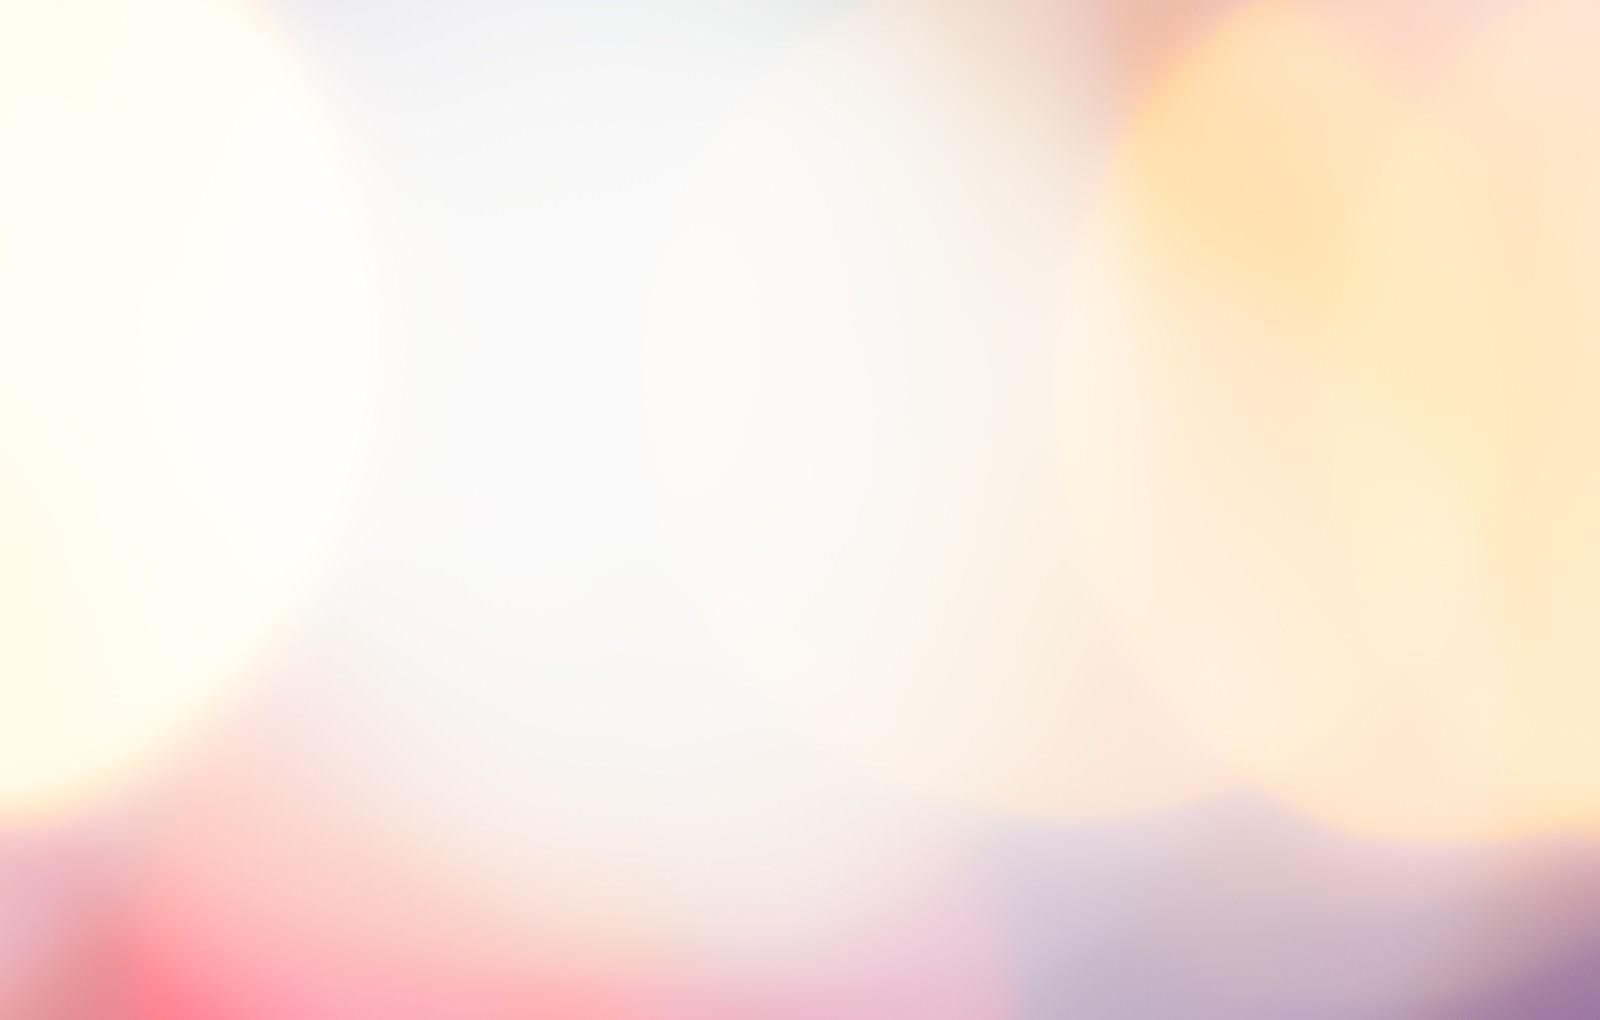 「明るく照らす光のボケ」の写真